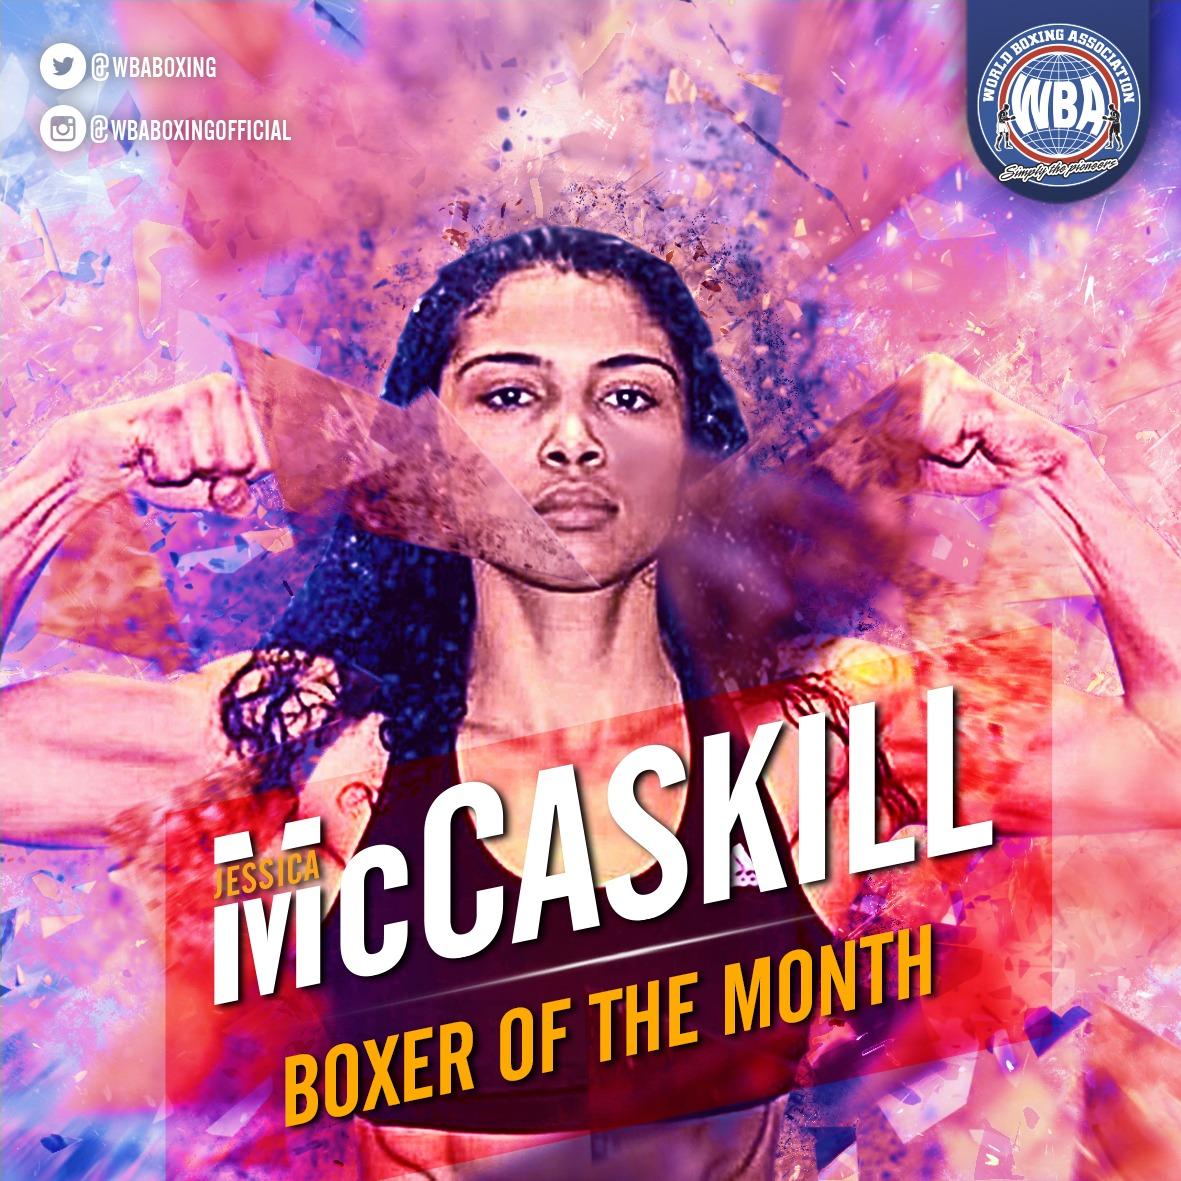 Jessica McCaskill es la Boxeadora del mes de octubre